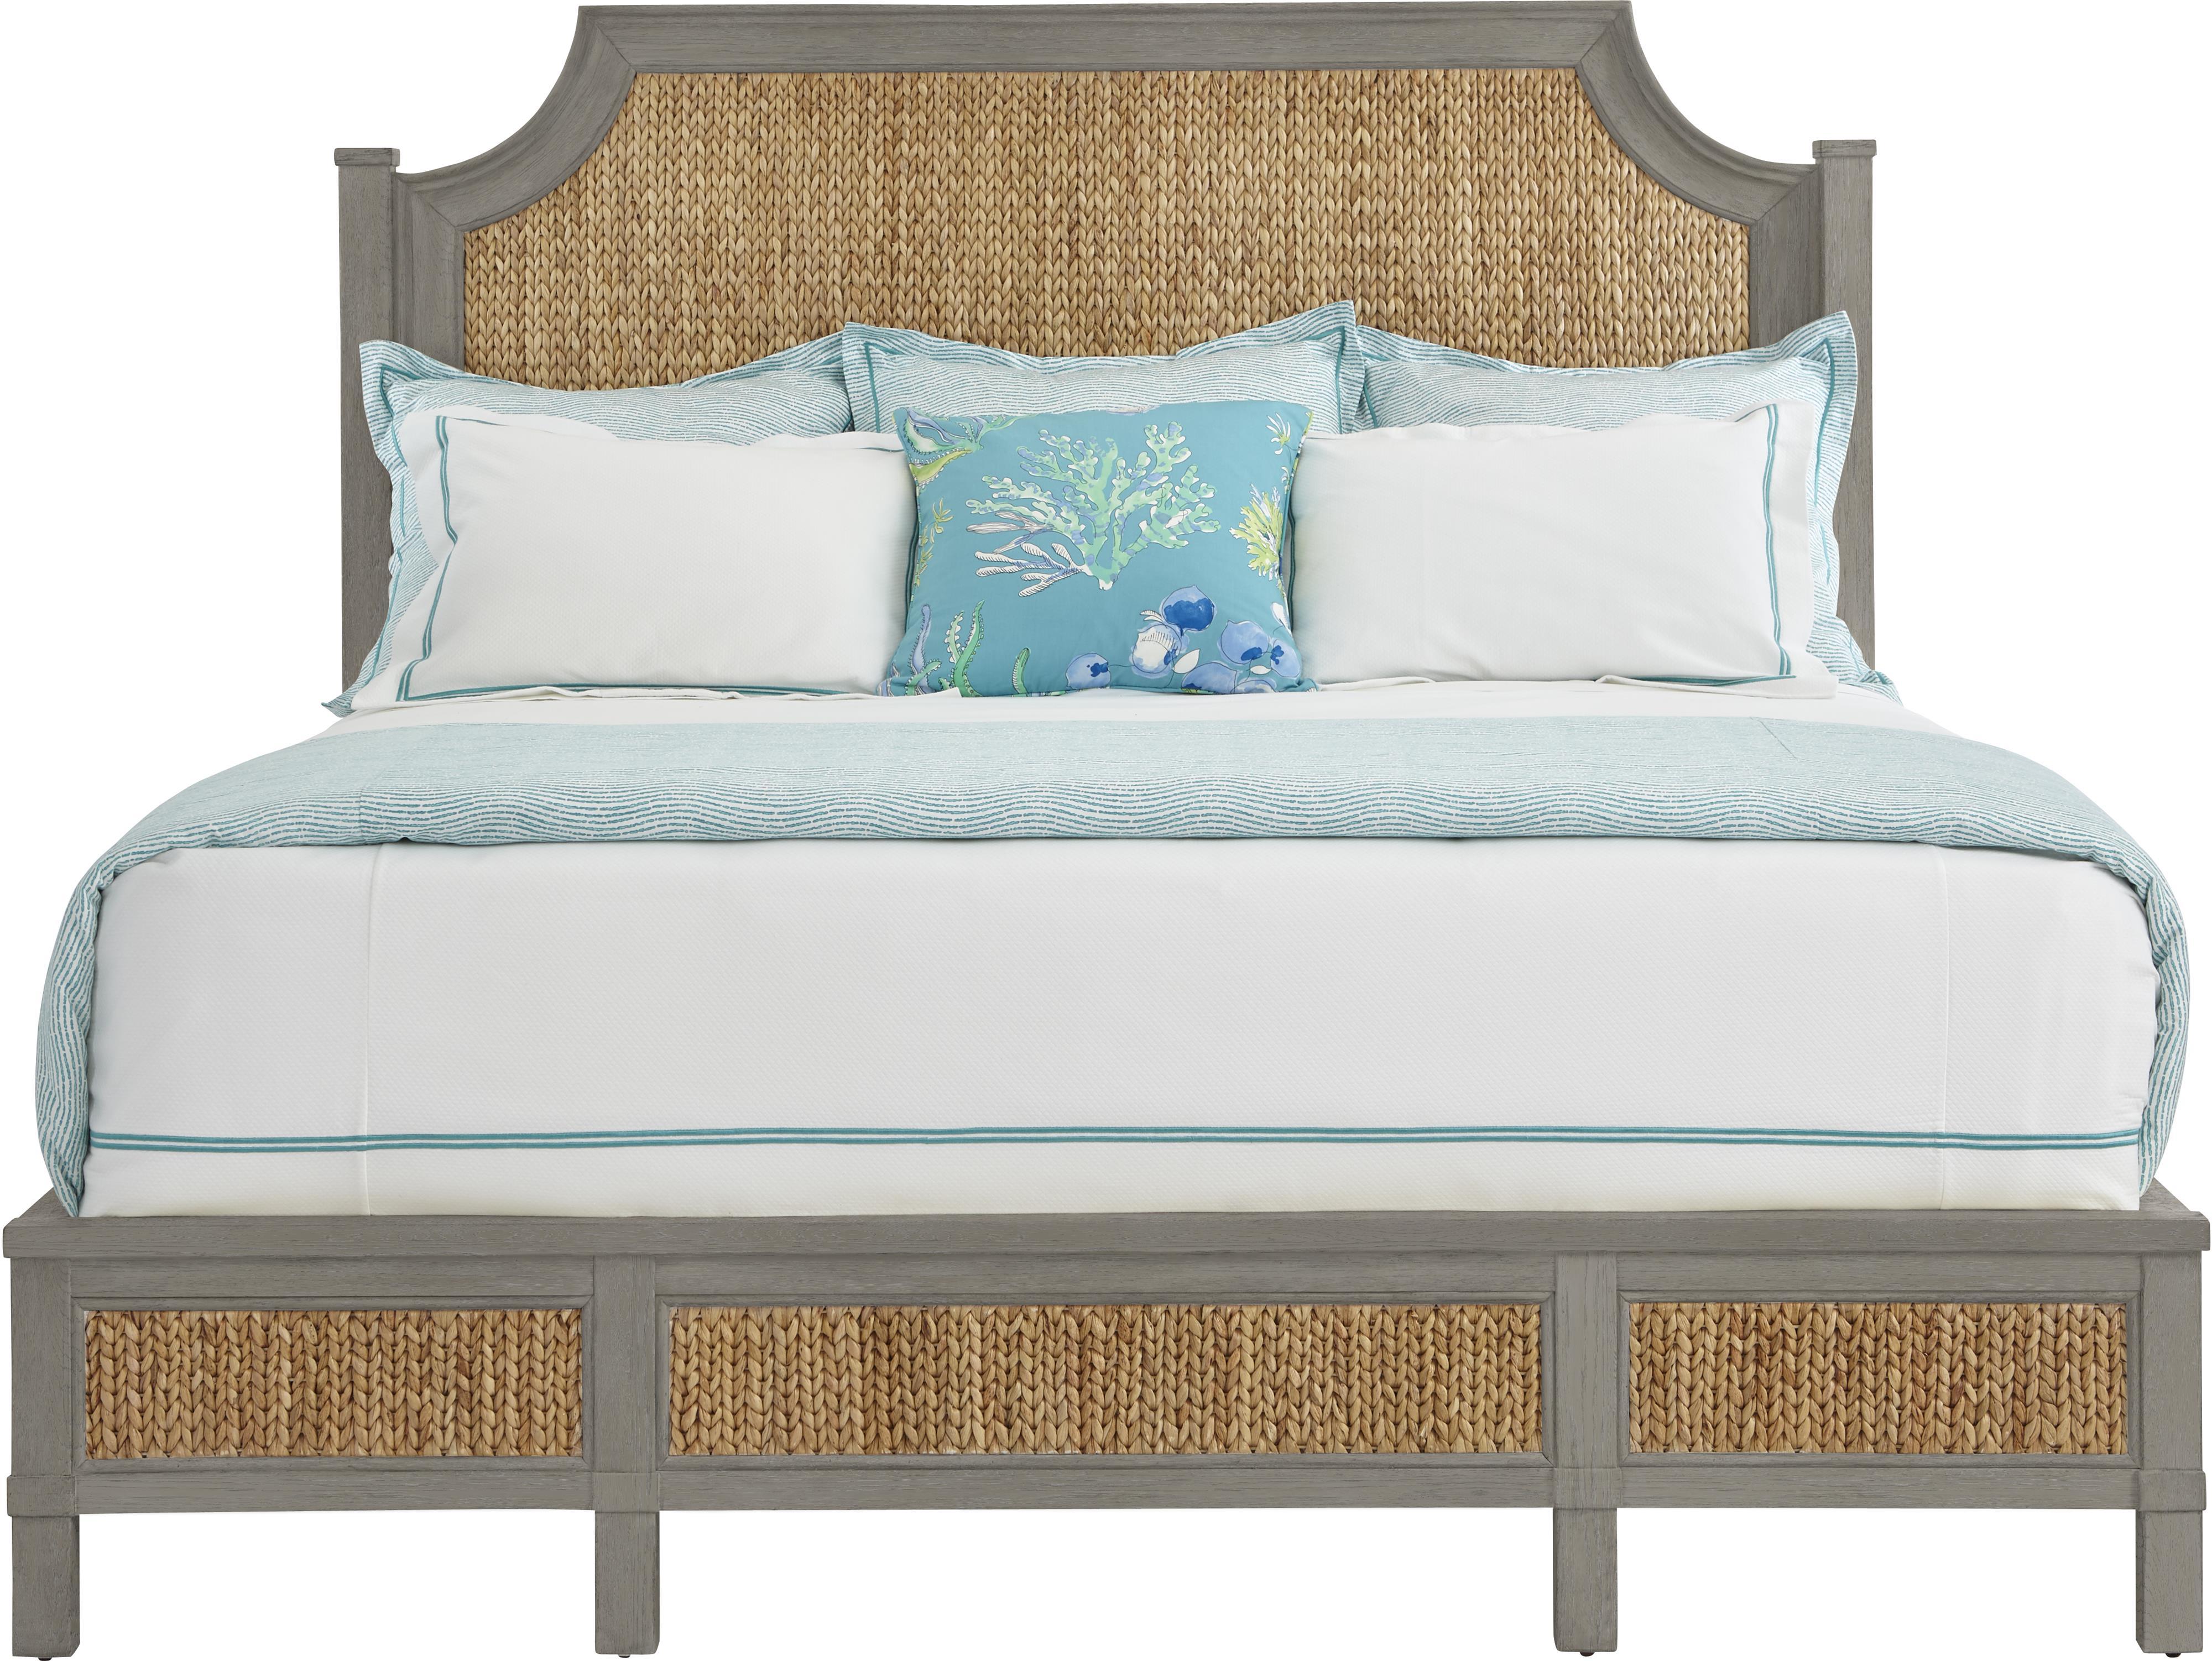 Stanley Furniture Coastal Living Resort Queen Water Meadow Woven Bed - Item Number: 062-C3-41